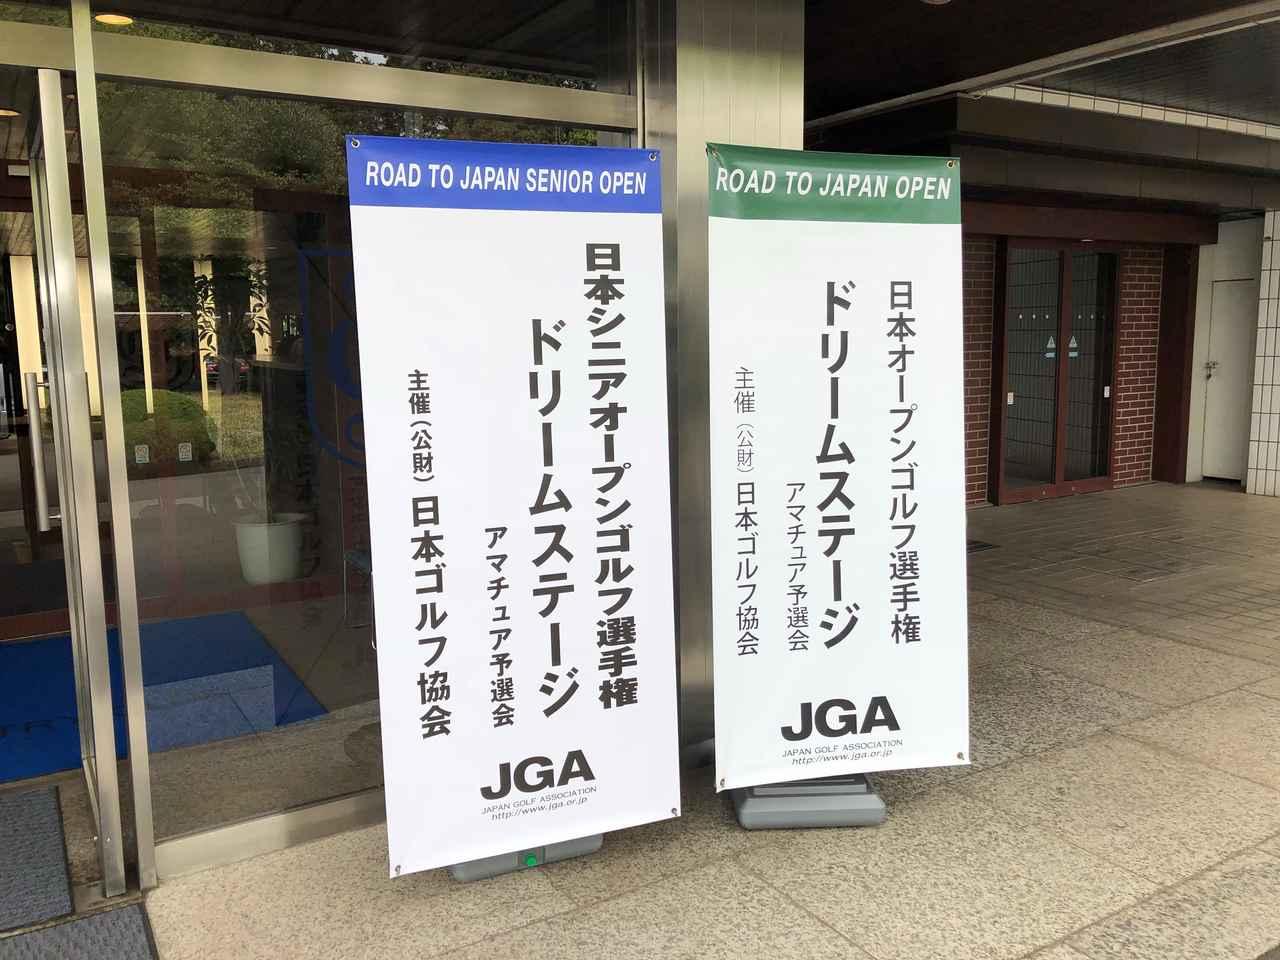 画像: 【程ヶ谷CCの日本オープン・日本シニアオープンドリームステージが終了】